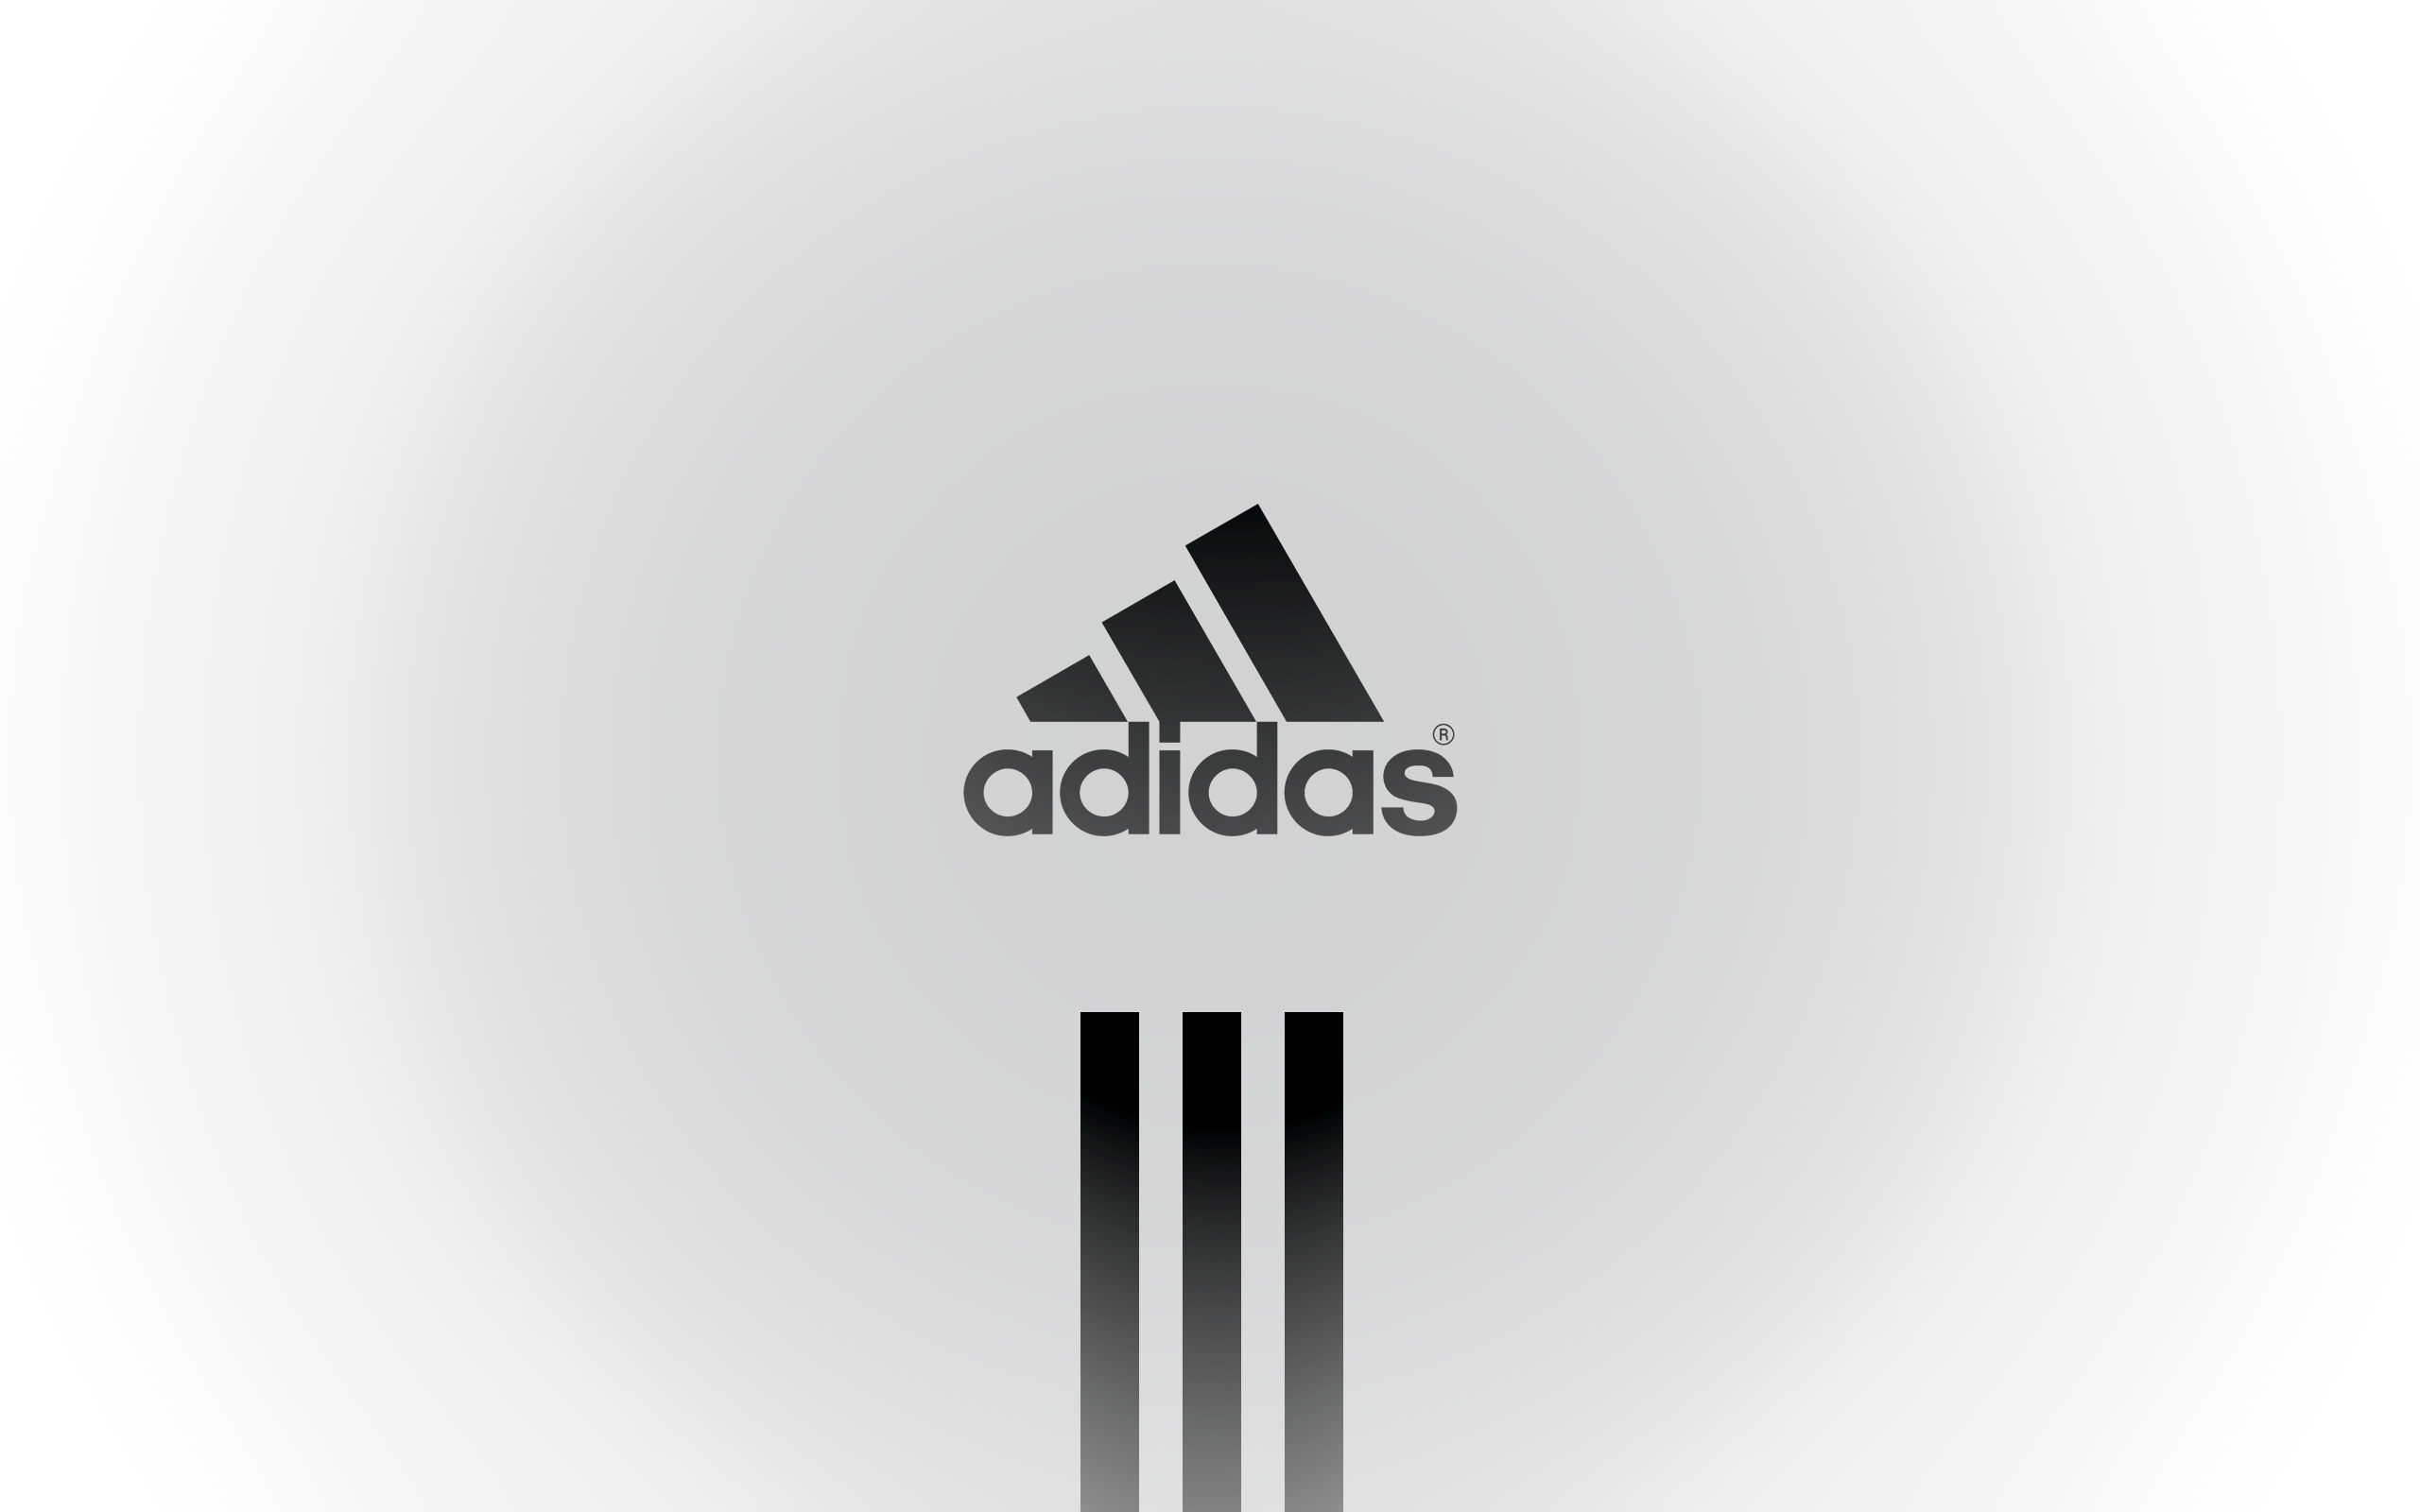 Adidas HD PNG - 92564